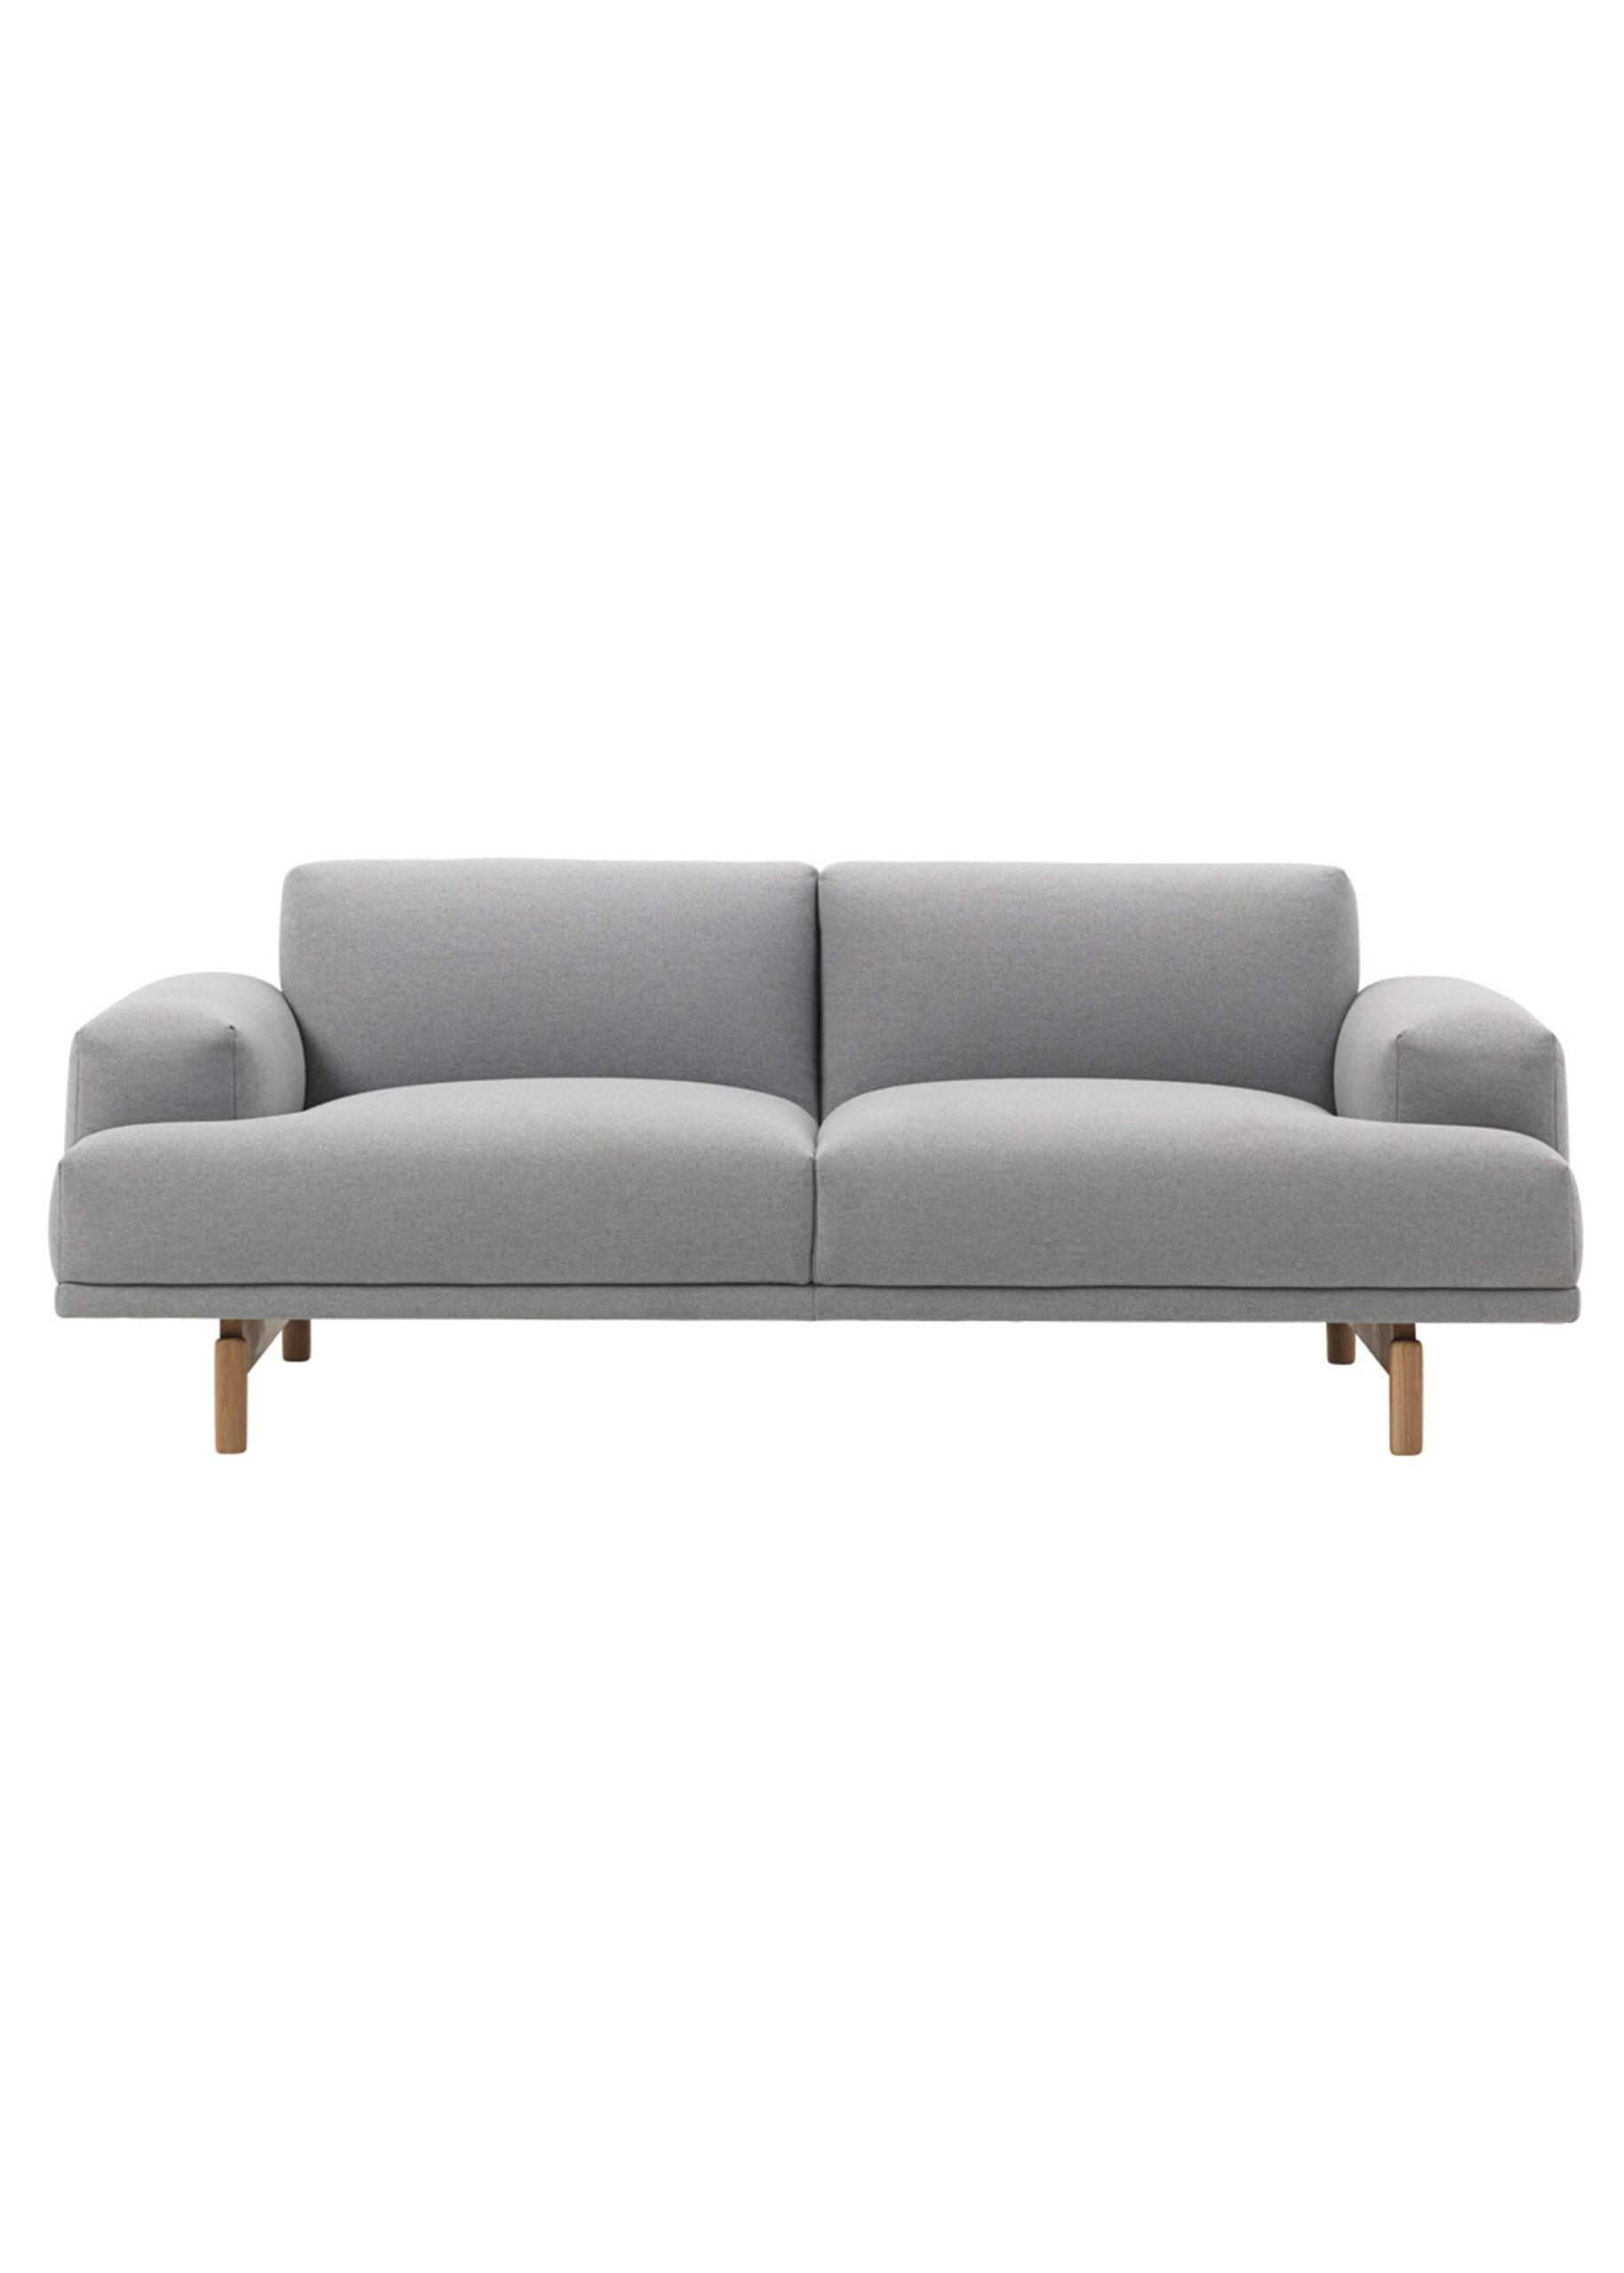 Full Size of Muuto Compose Sofa Sofabord Cecilie Manz Outline 2 Seater Dimensions Workshop Uk Rest Sale Furniture List Eg Zweisitzer Mit Led Dauerschläfer Hussen Für Sofa Muuto Sofa